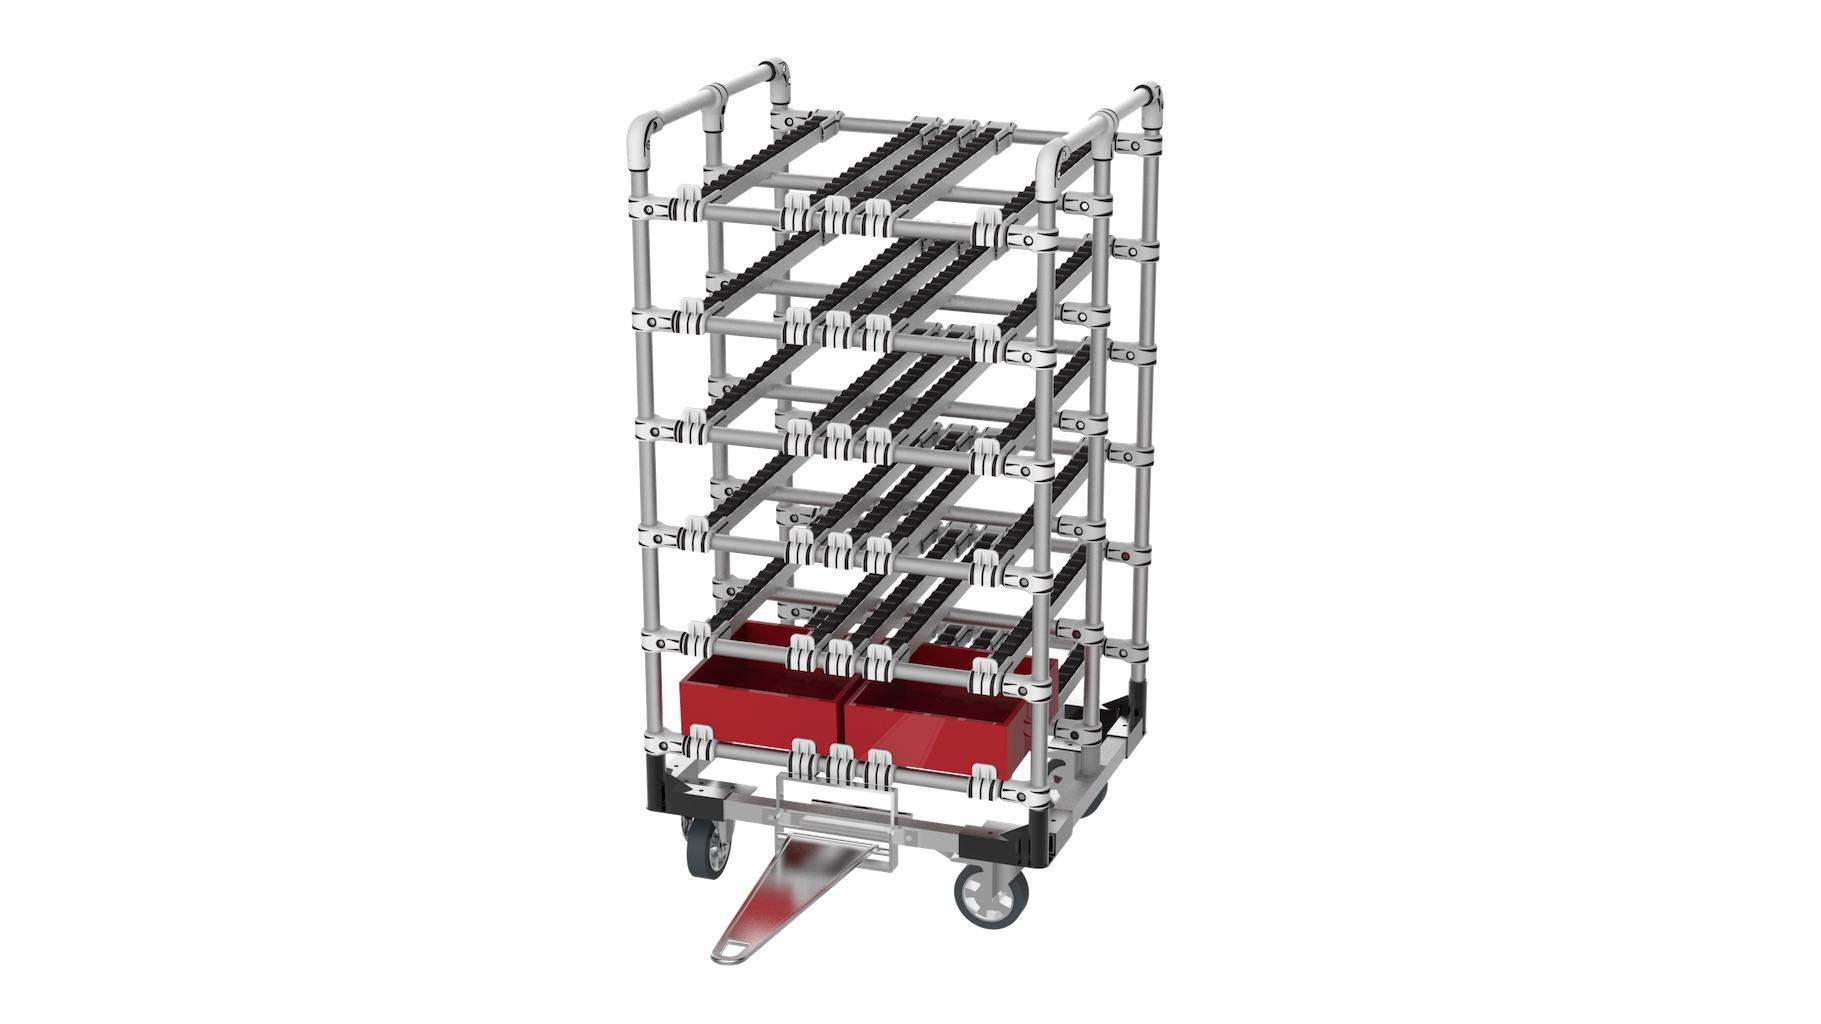 Équipementier automobile / aéronautique - Chariot tractable avec embase renforcée pour permettre l'acheminement des bacs. Ce chariot est équipé de 6 niveaux en rails pour un approvisionnement FIFO.